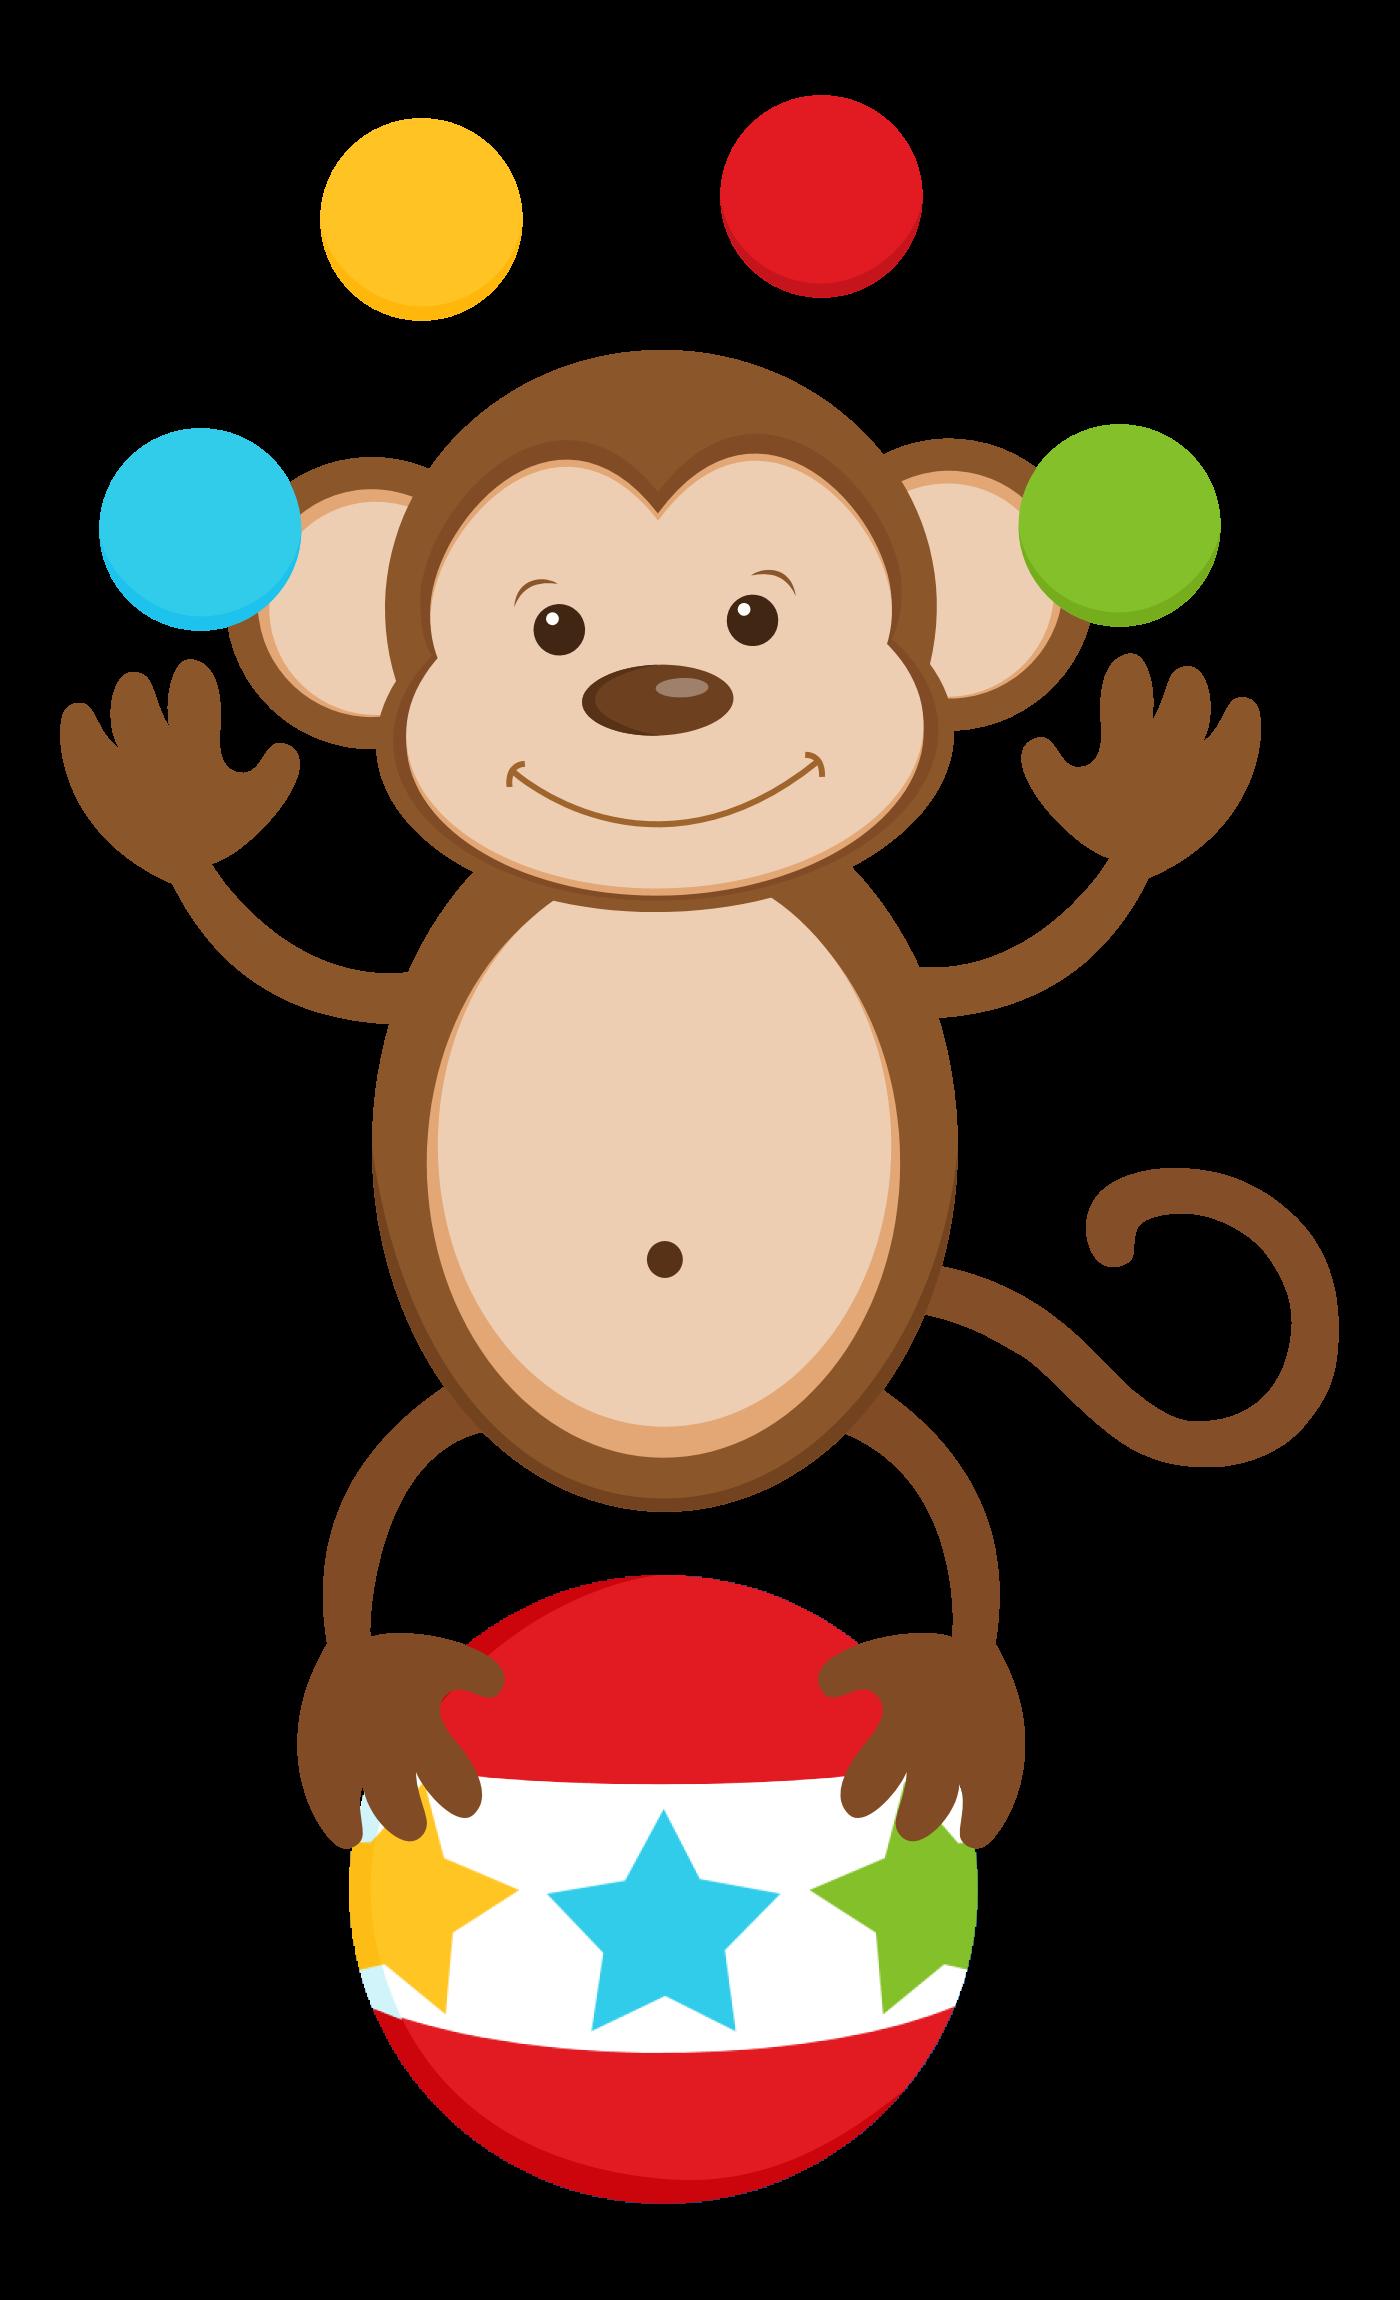 monkey clipart vintage